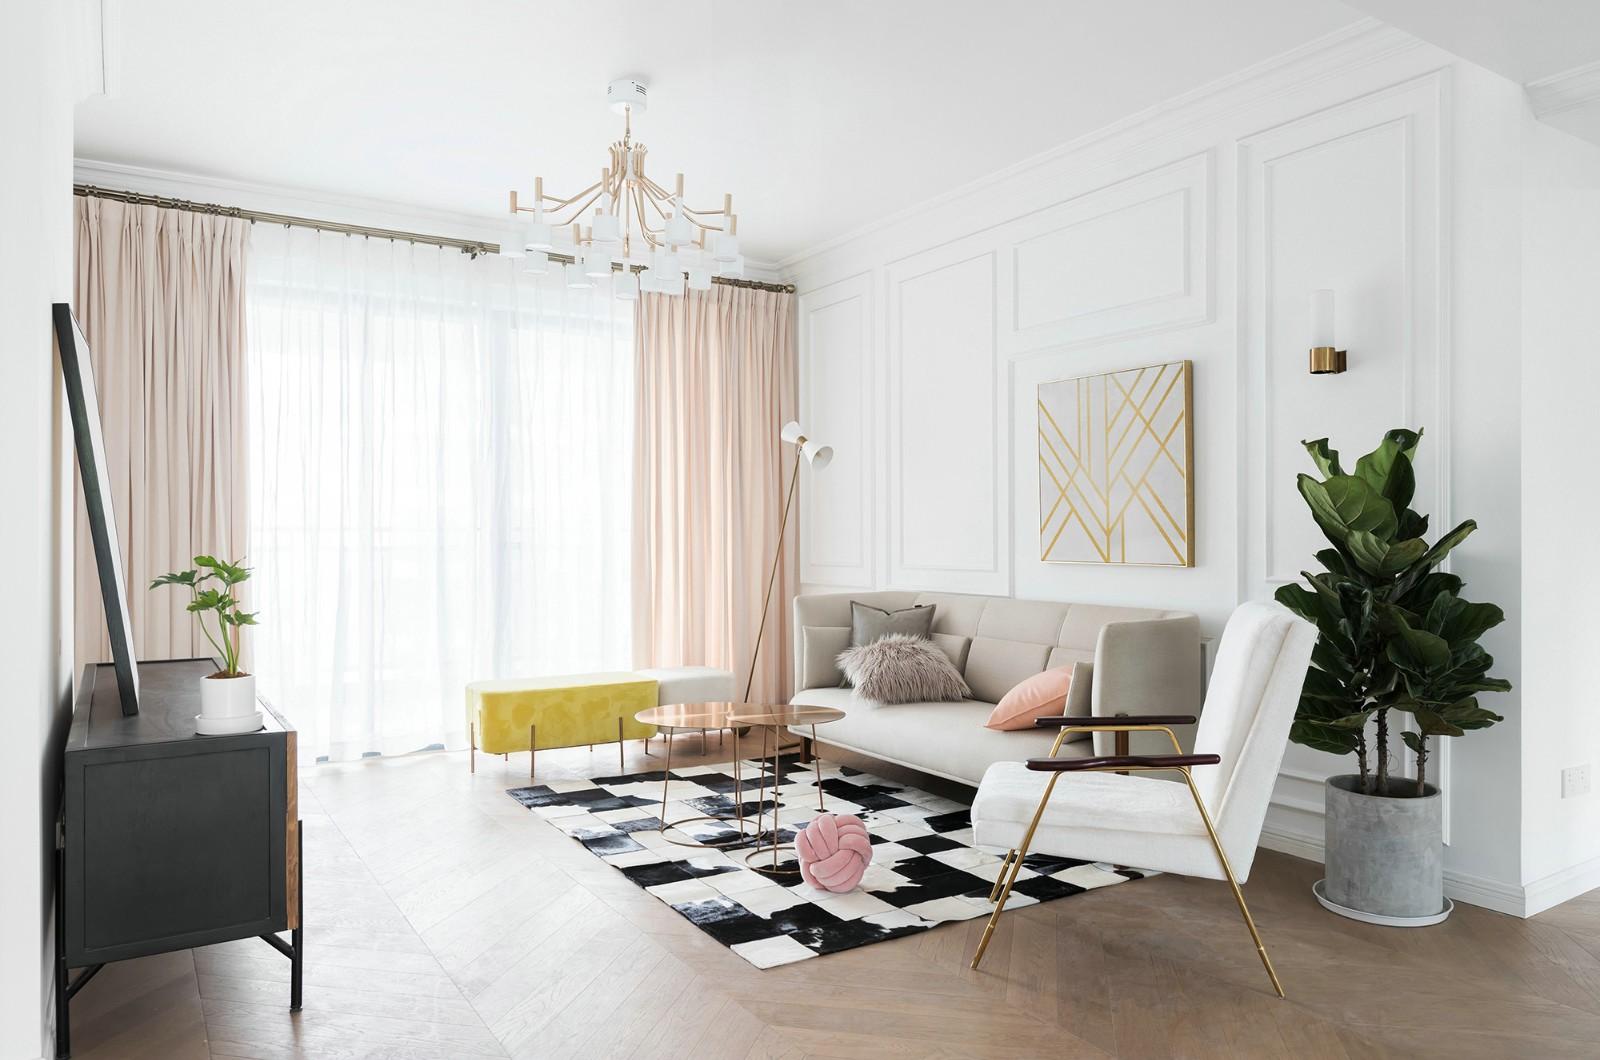 2021北欧110平米装修设计 2021北欧一居室装饰设计